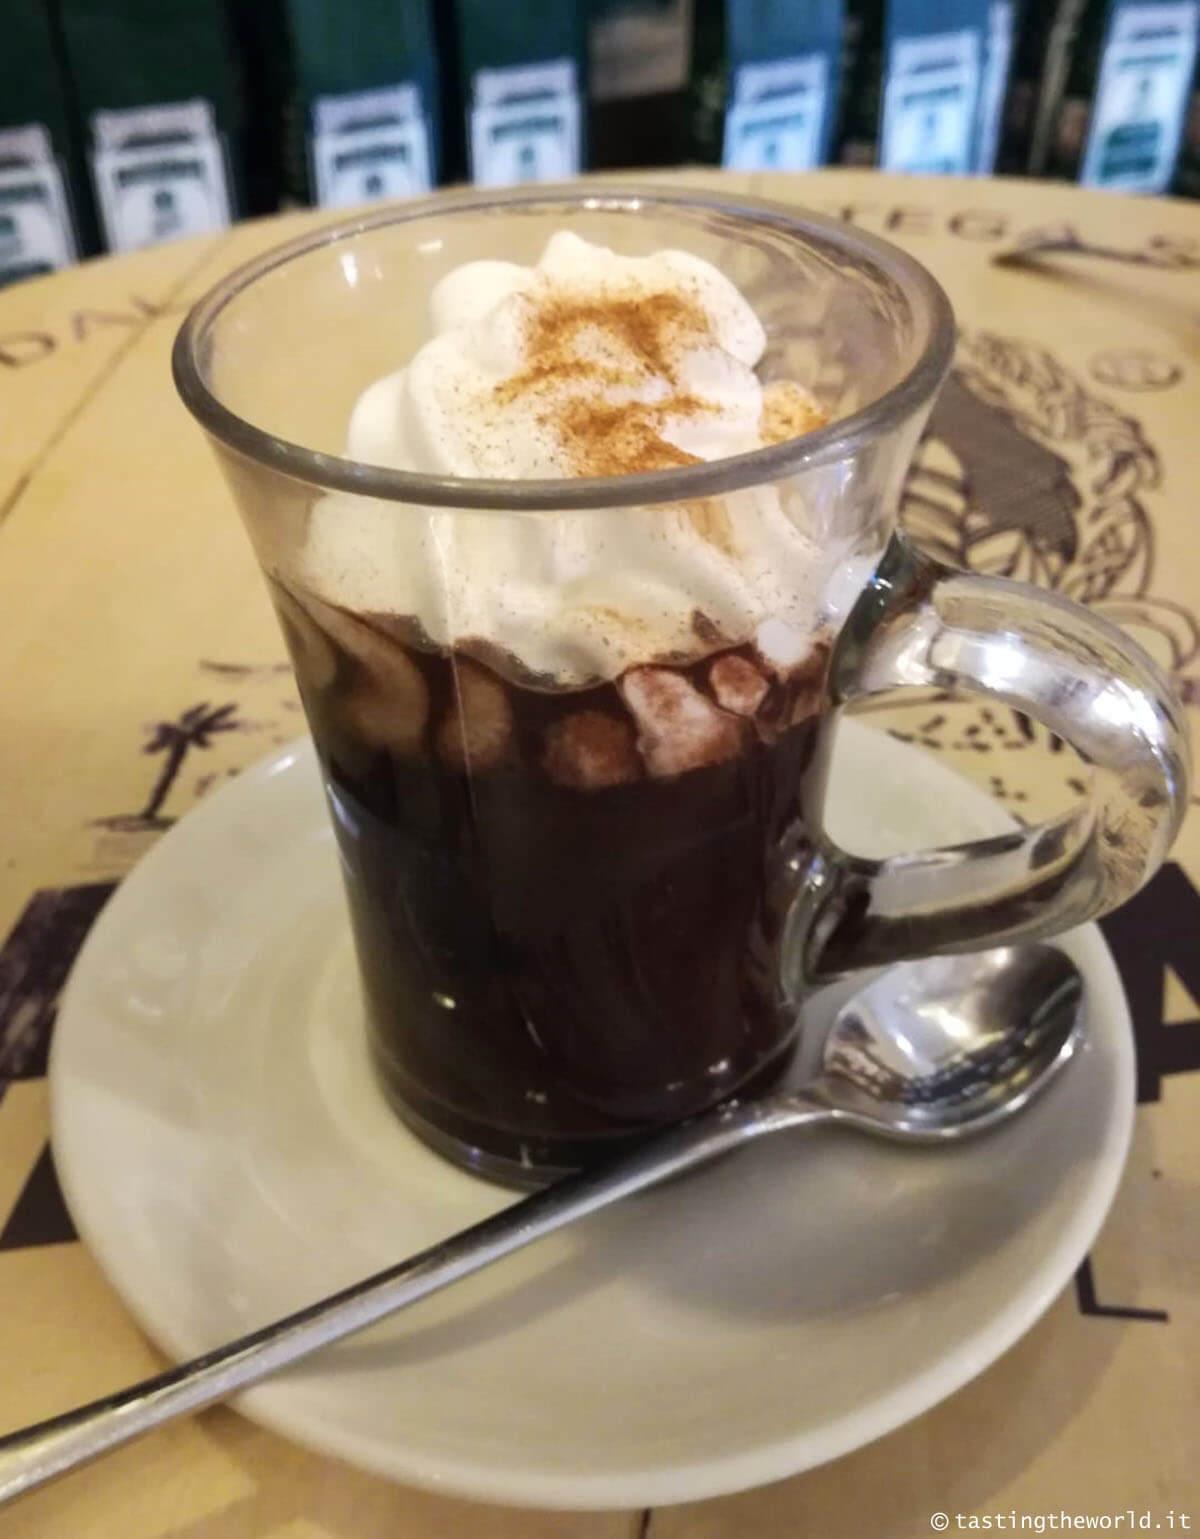 Barbajada, la bevanda calda milanese